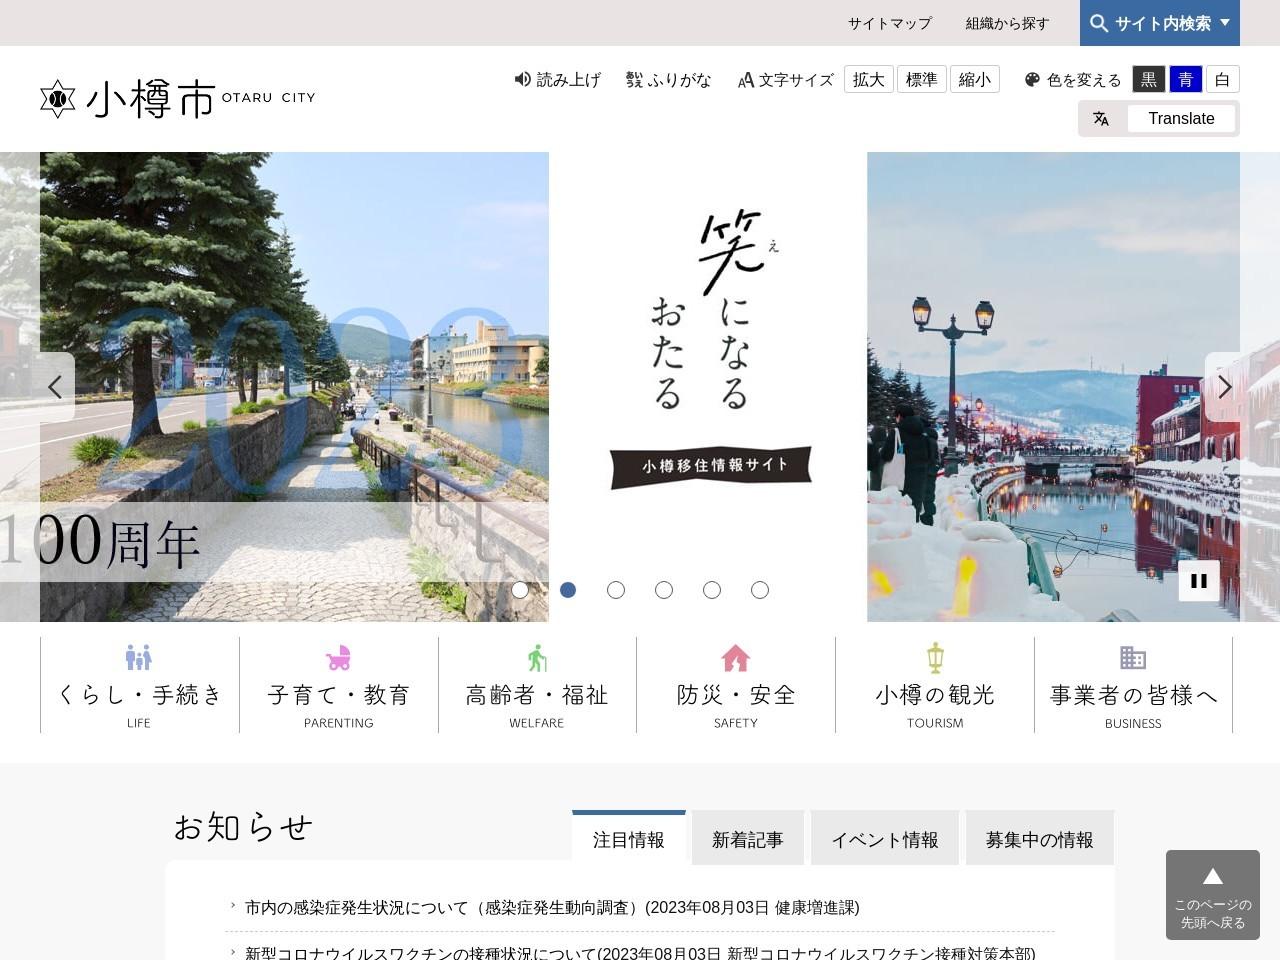 https://www.city.otaru.lg.jp/sisei_tokei/koso_keikaku/keikaku_itiran/koukyou_torikumi/